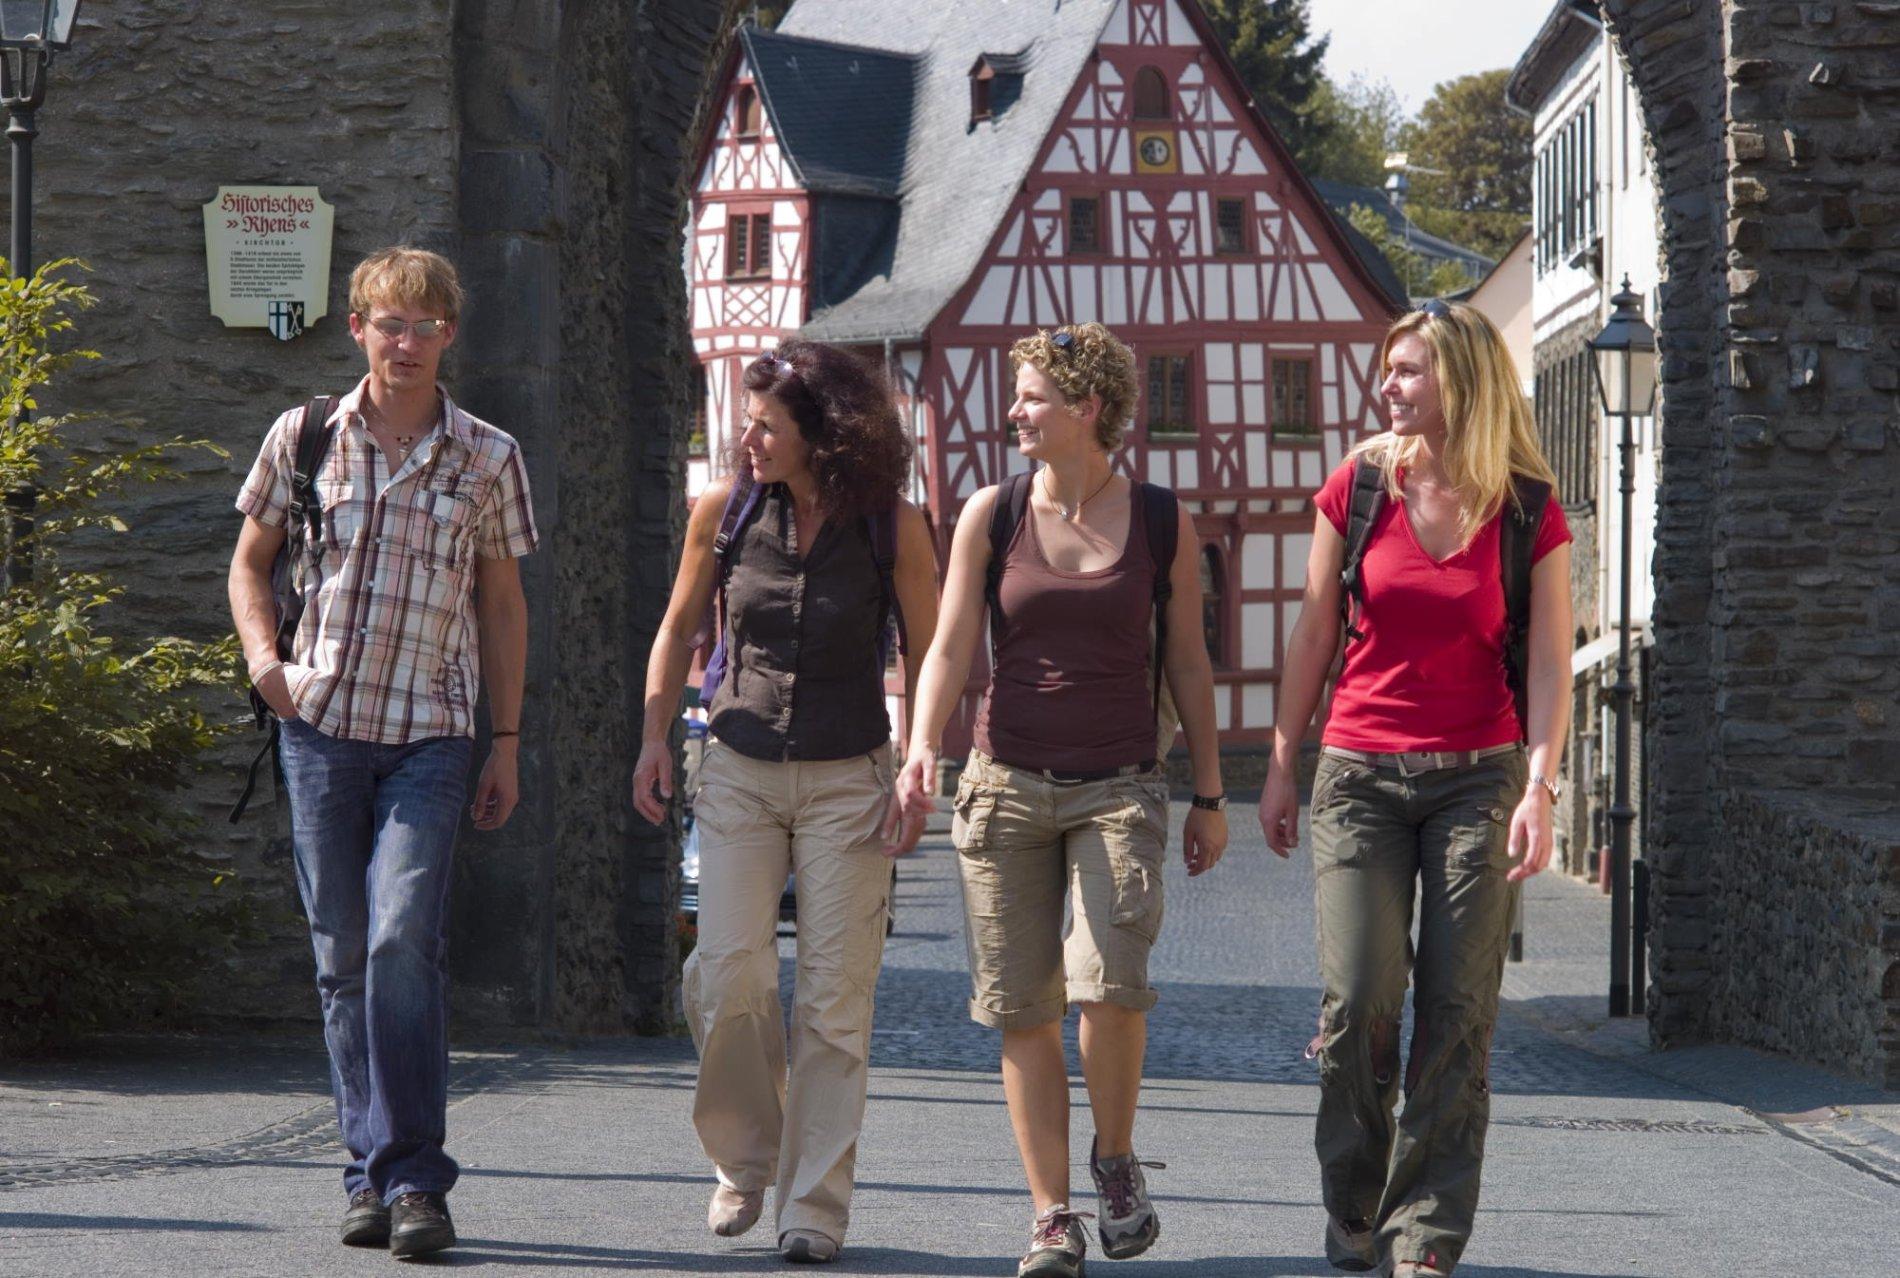 Rhens Altes Rahthaus, Wolfsdelle